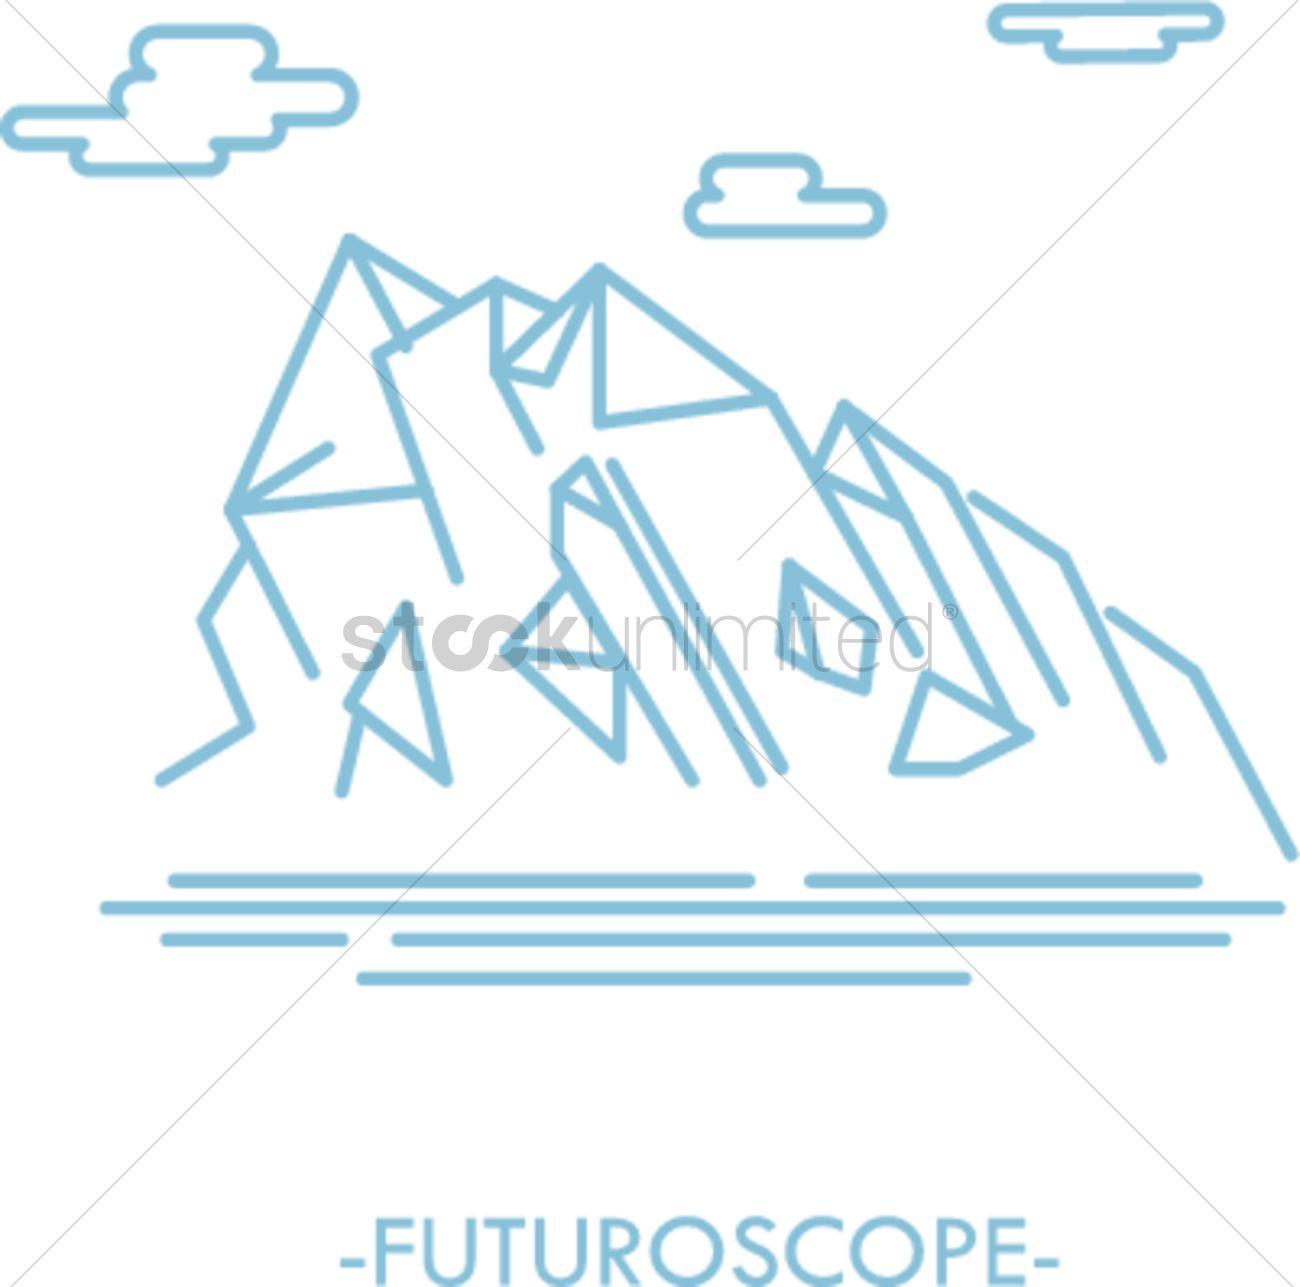 Futuroscope Clipart vectoriel.